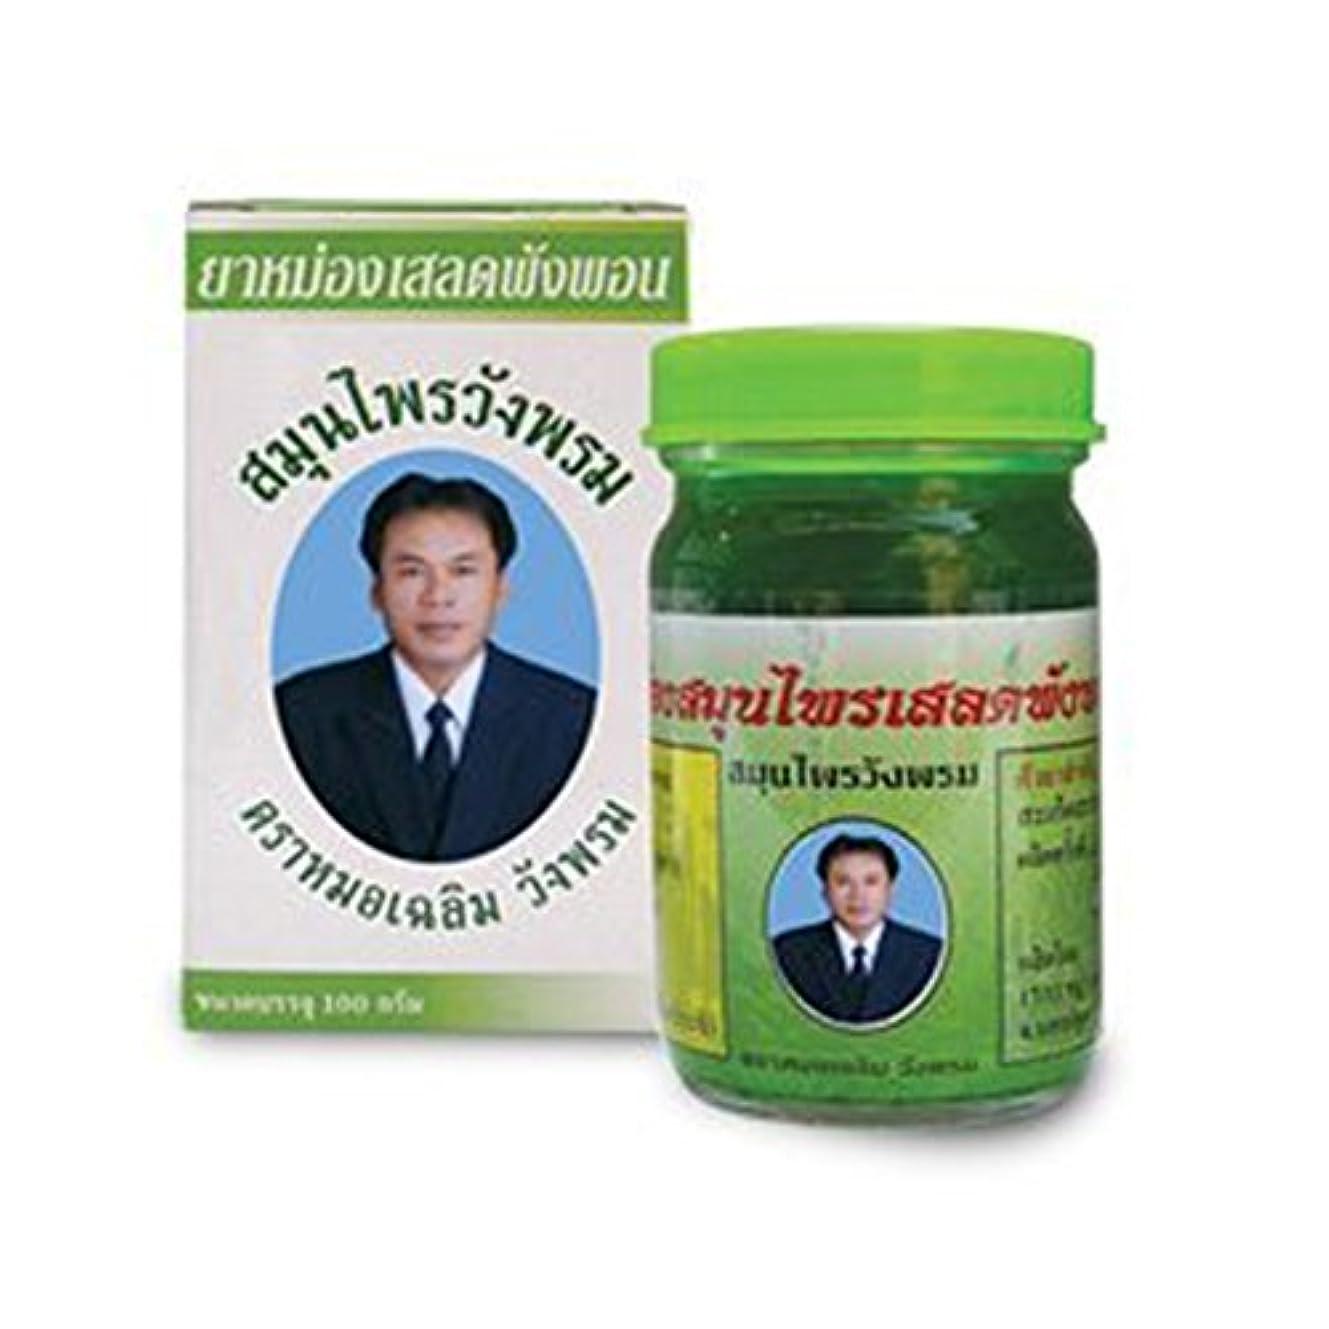 自発的好む分子Chariot Trading – 50 g Thai Best Wangphrom Barleria LupulinaグリーンBalm Herb